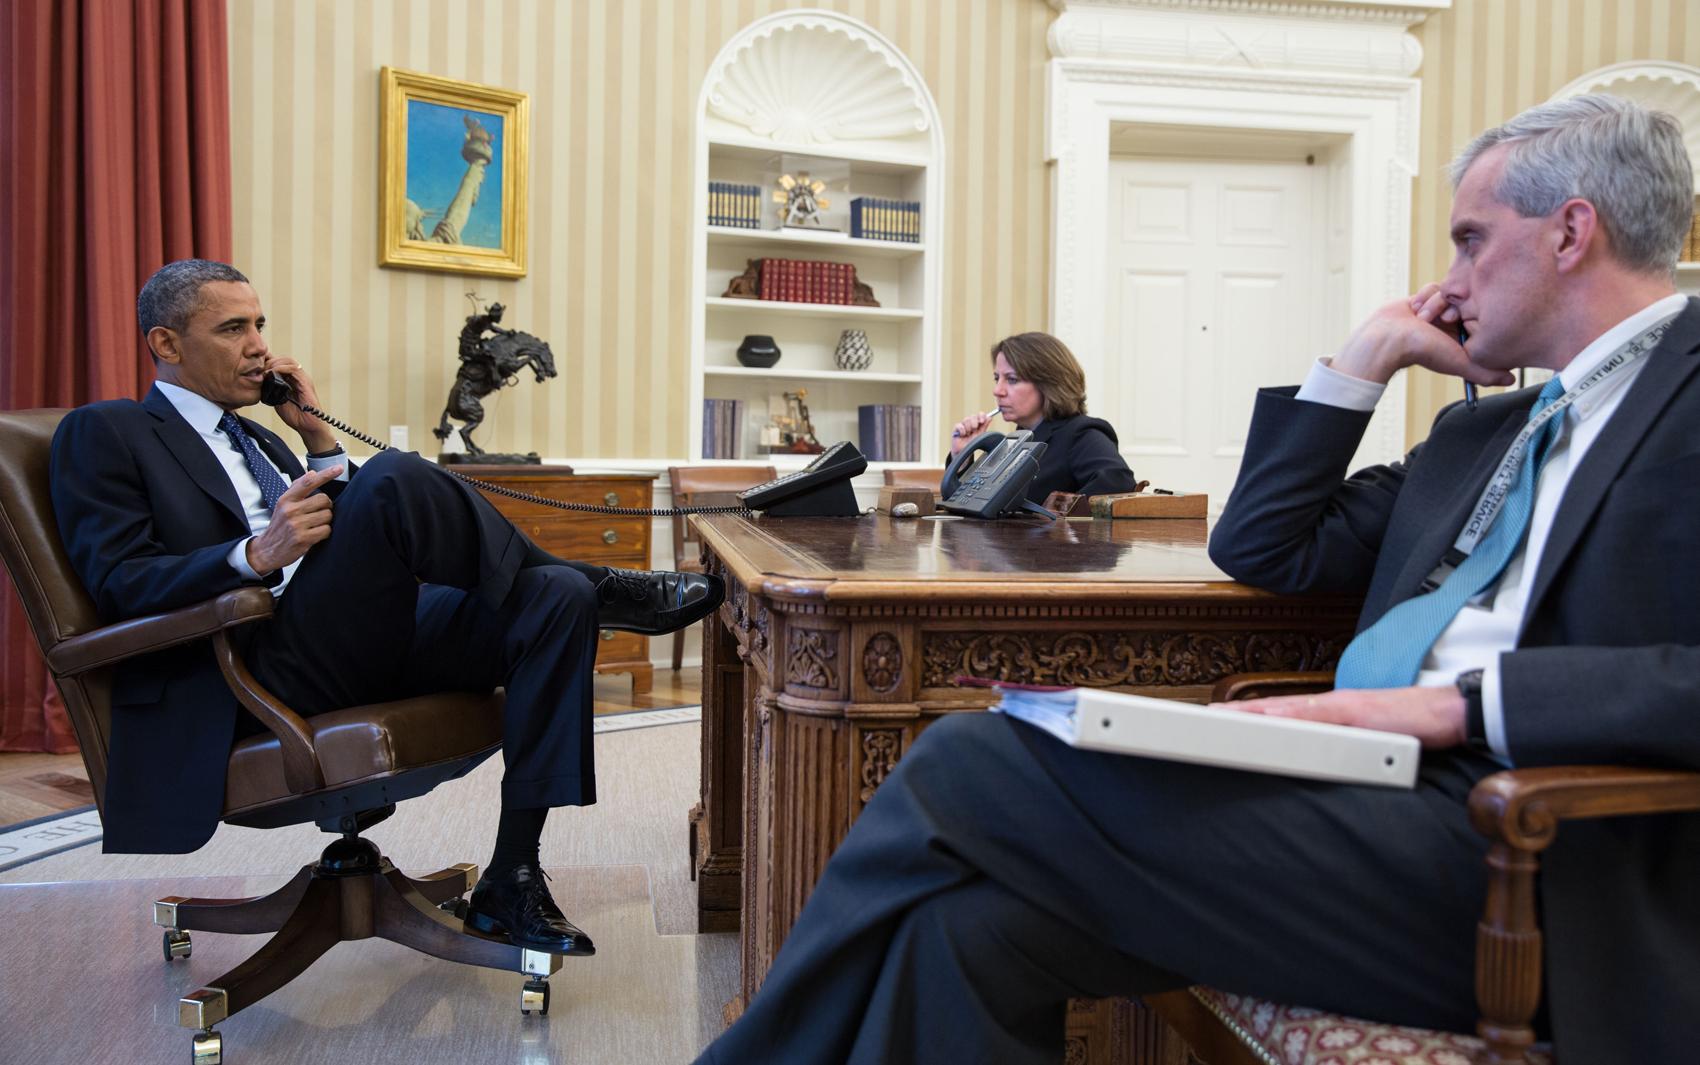 Foto divulgada pela Casa Branca mostra Barack Obama ao telefone com o diretor do FBI, Robert Mueller, para receber atualização sobre as explosões que ocorreram em Boston.